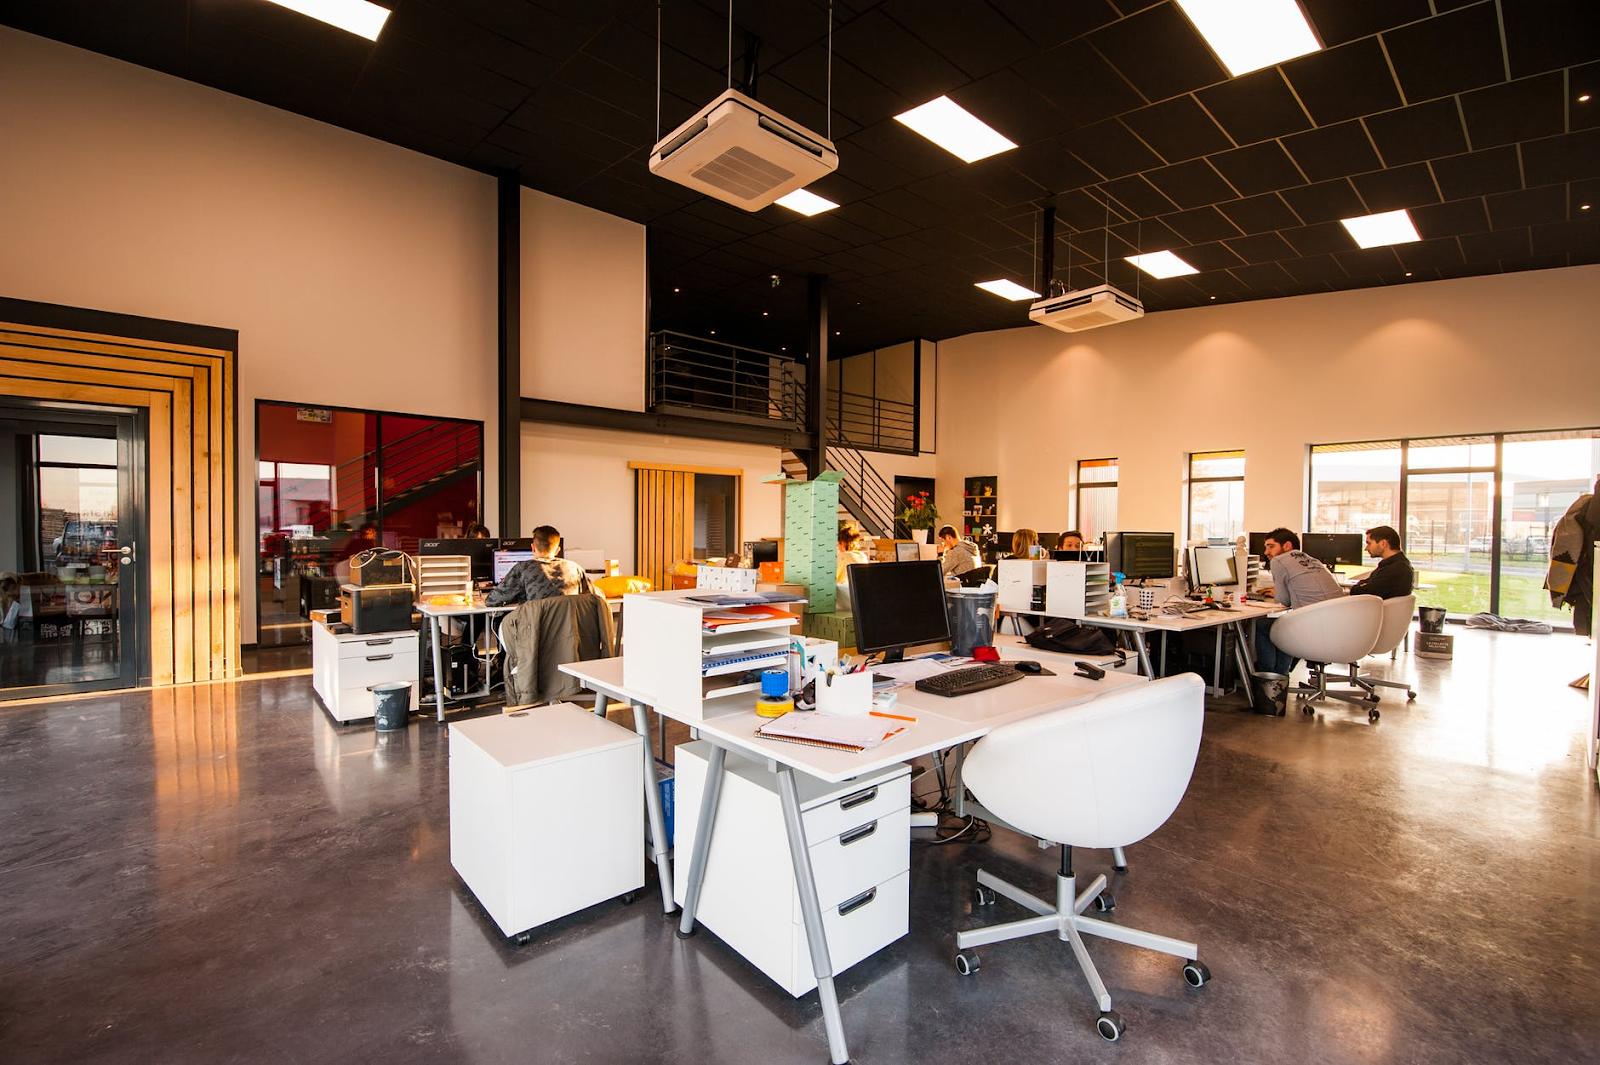 Zakelijke kantoorruimte trends in 2021 voor Nederlandse kantoren